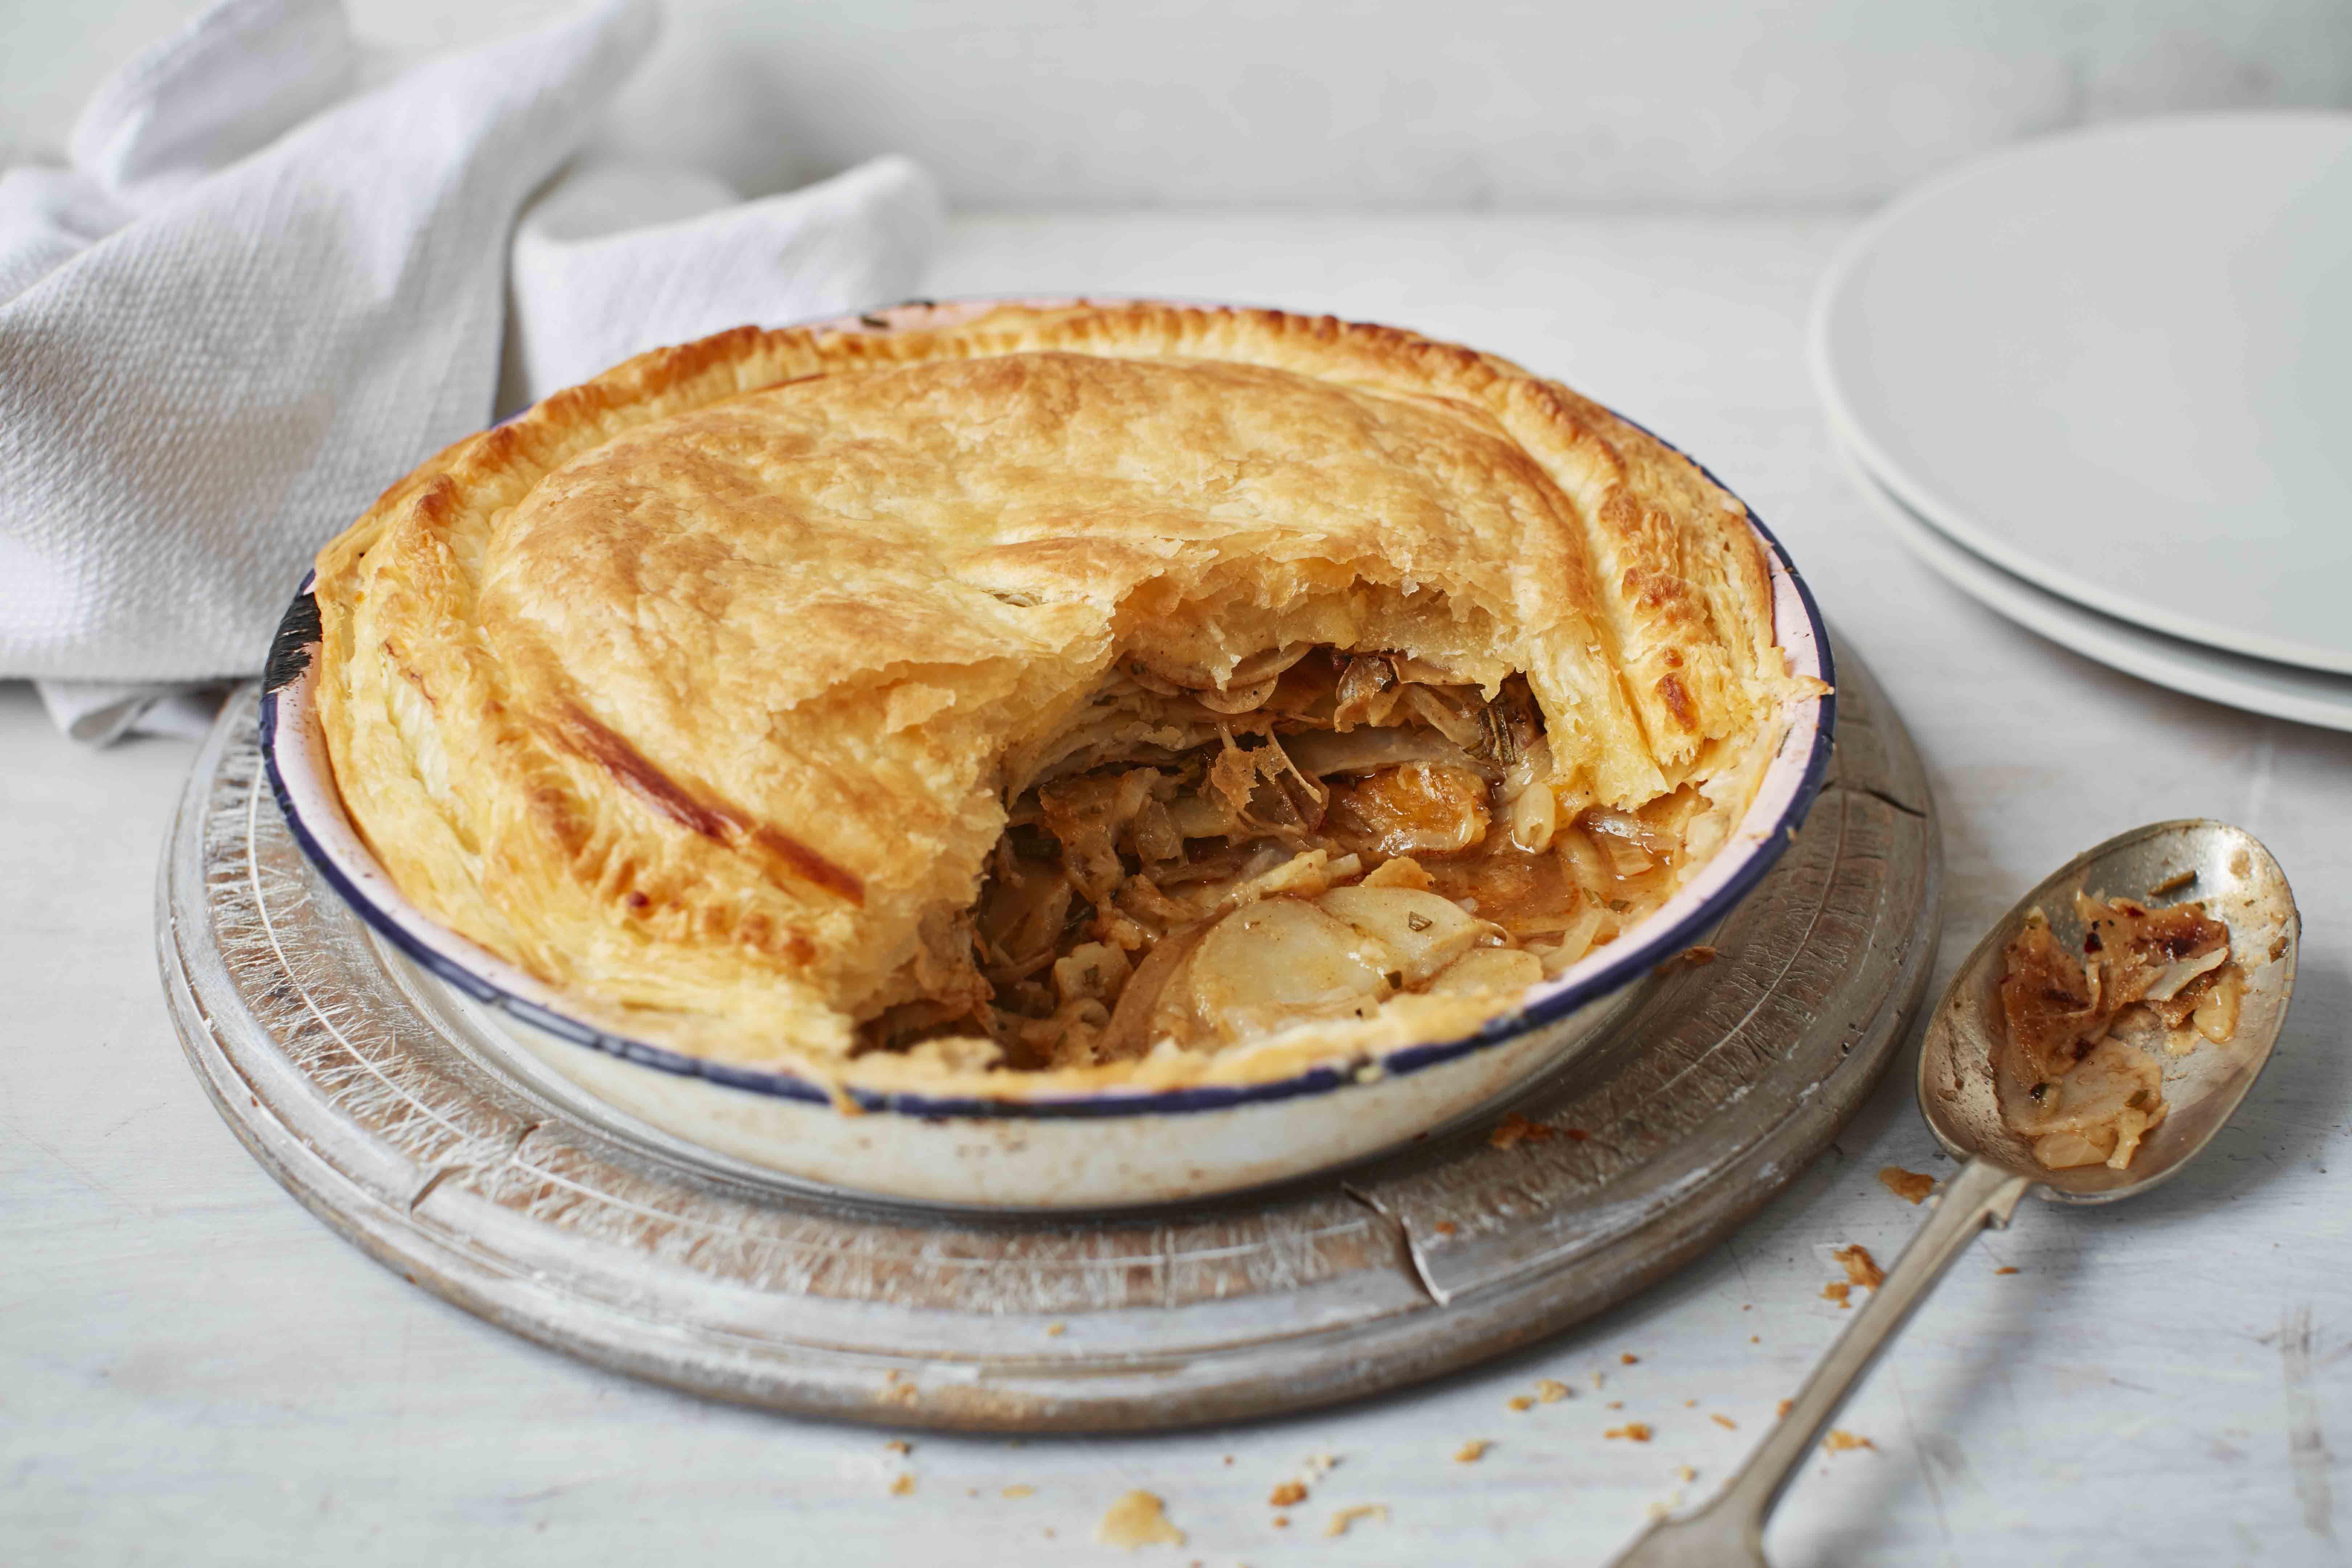 Vegan potato, rosemary and onion pie recipe